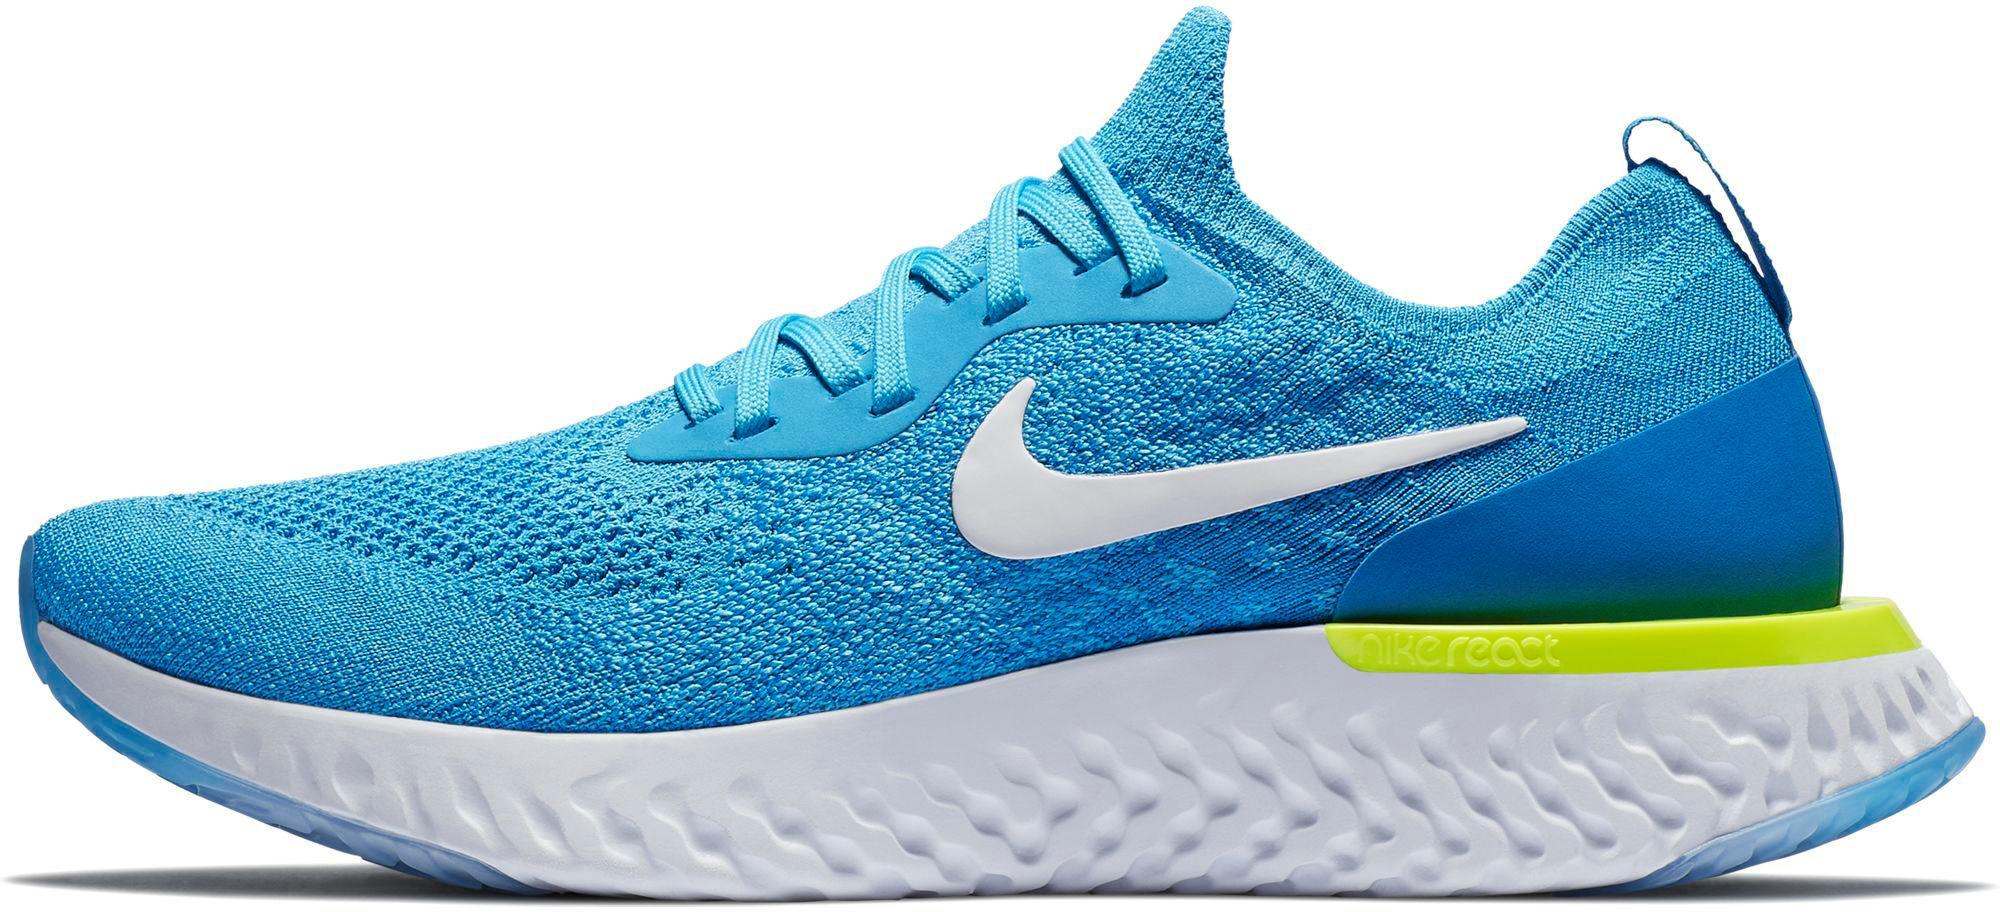 f417fcdc1337 Nike EPIC REACT FLYKNIT Laufschuhe Herren blue-glow-white-photo-blue-volt- glow im Online Shop von SportScheck kaufen